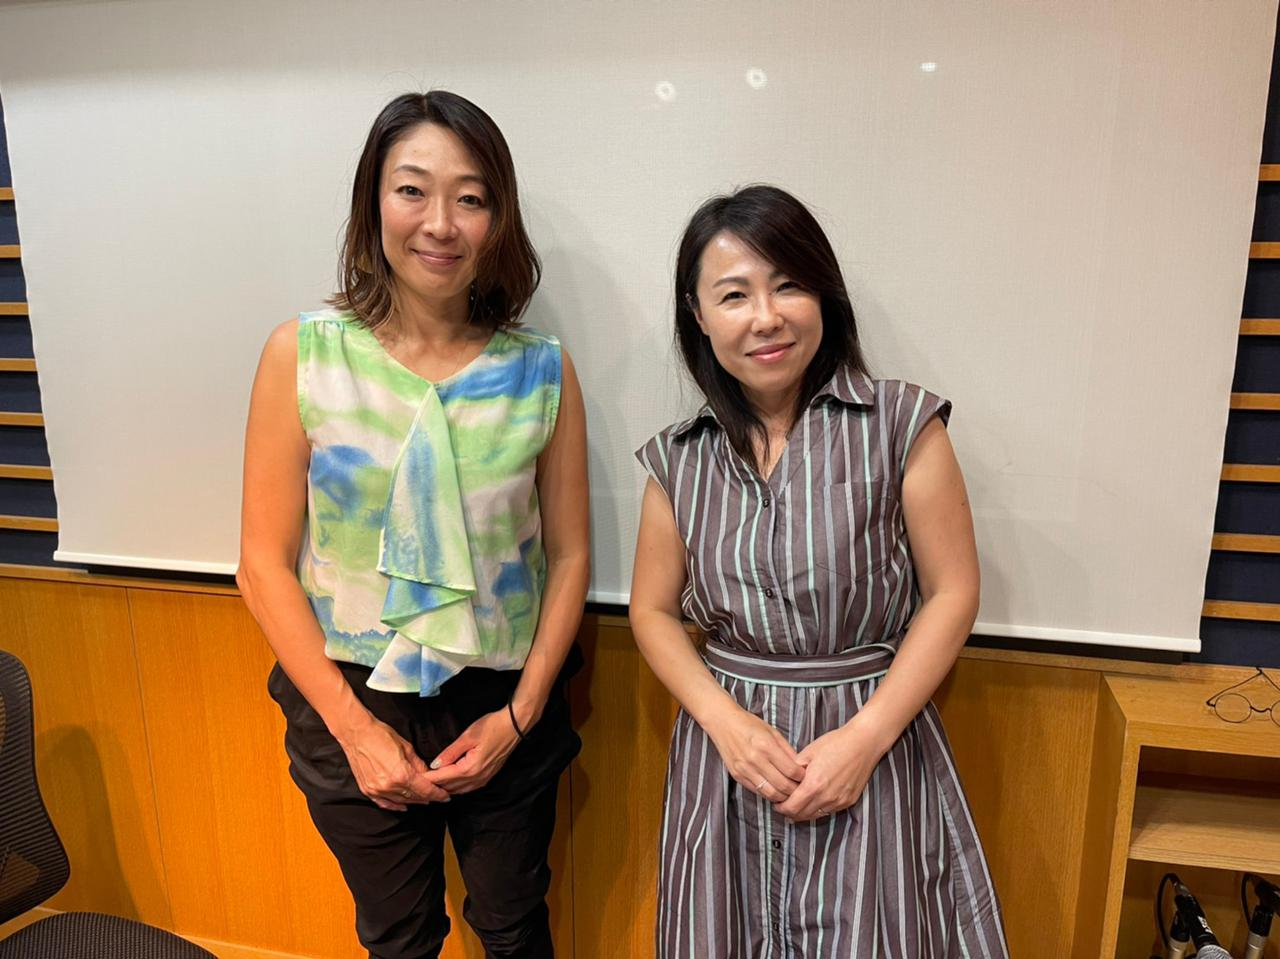 画像: 9月4日 第23回てらすトーク てらすことばは「大阪マラソンチャリティランナー」